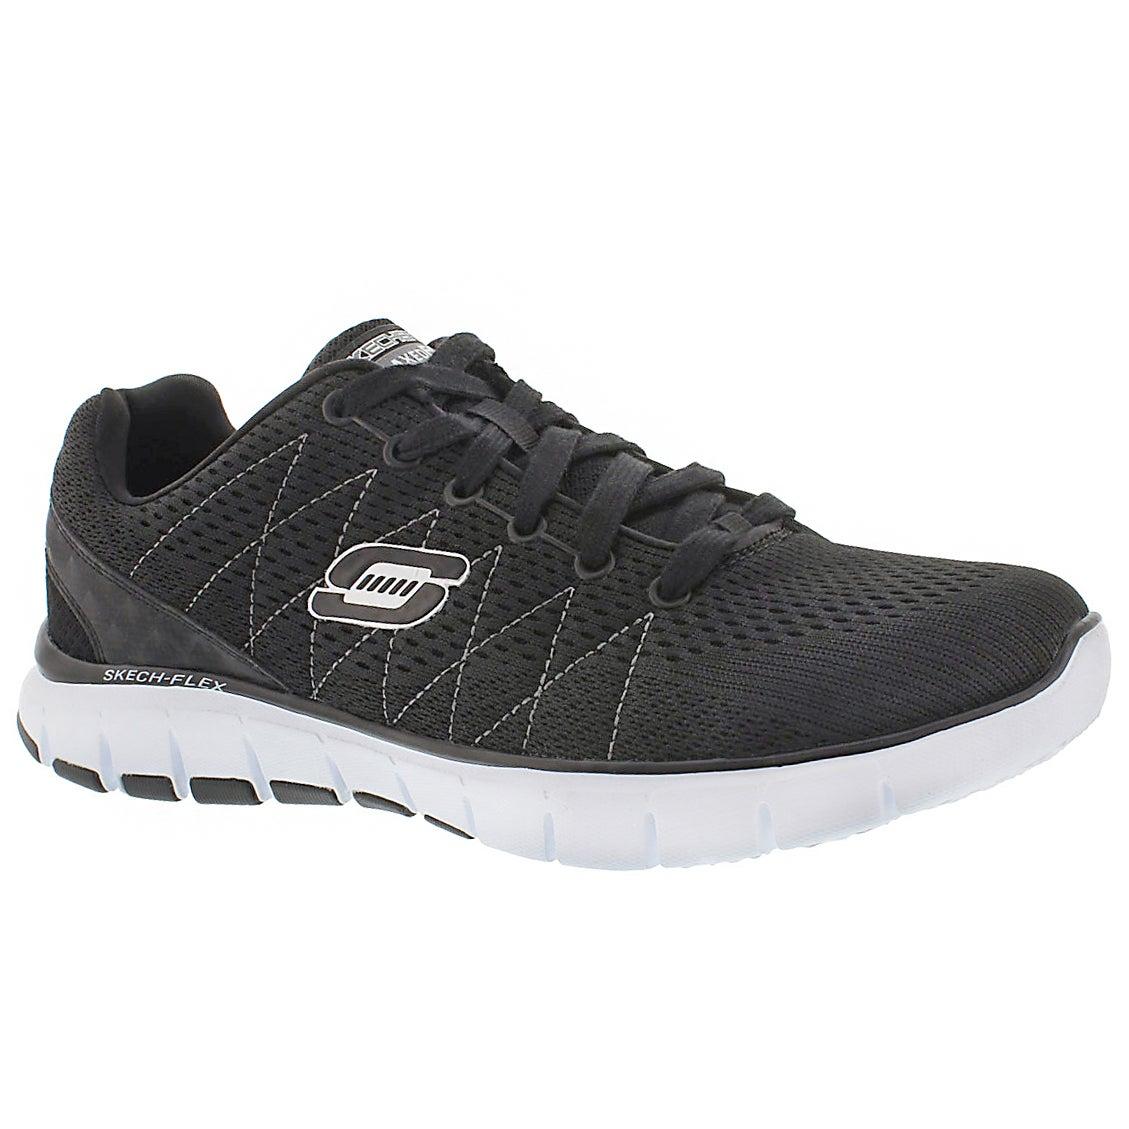 Mns Skech-Flex blk/wht lace up sneaker